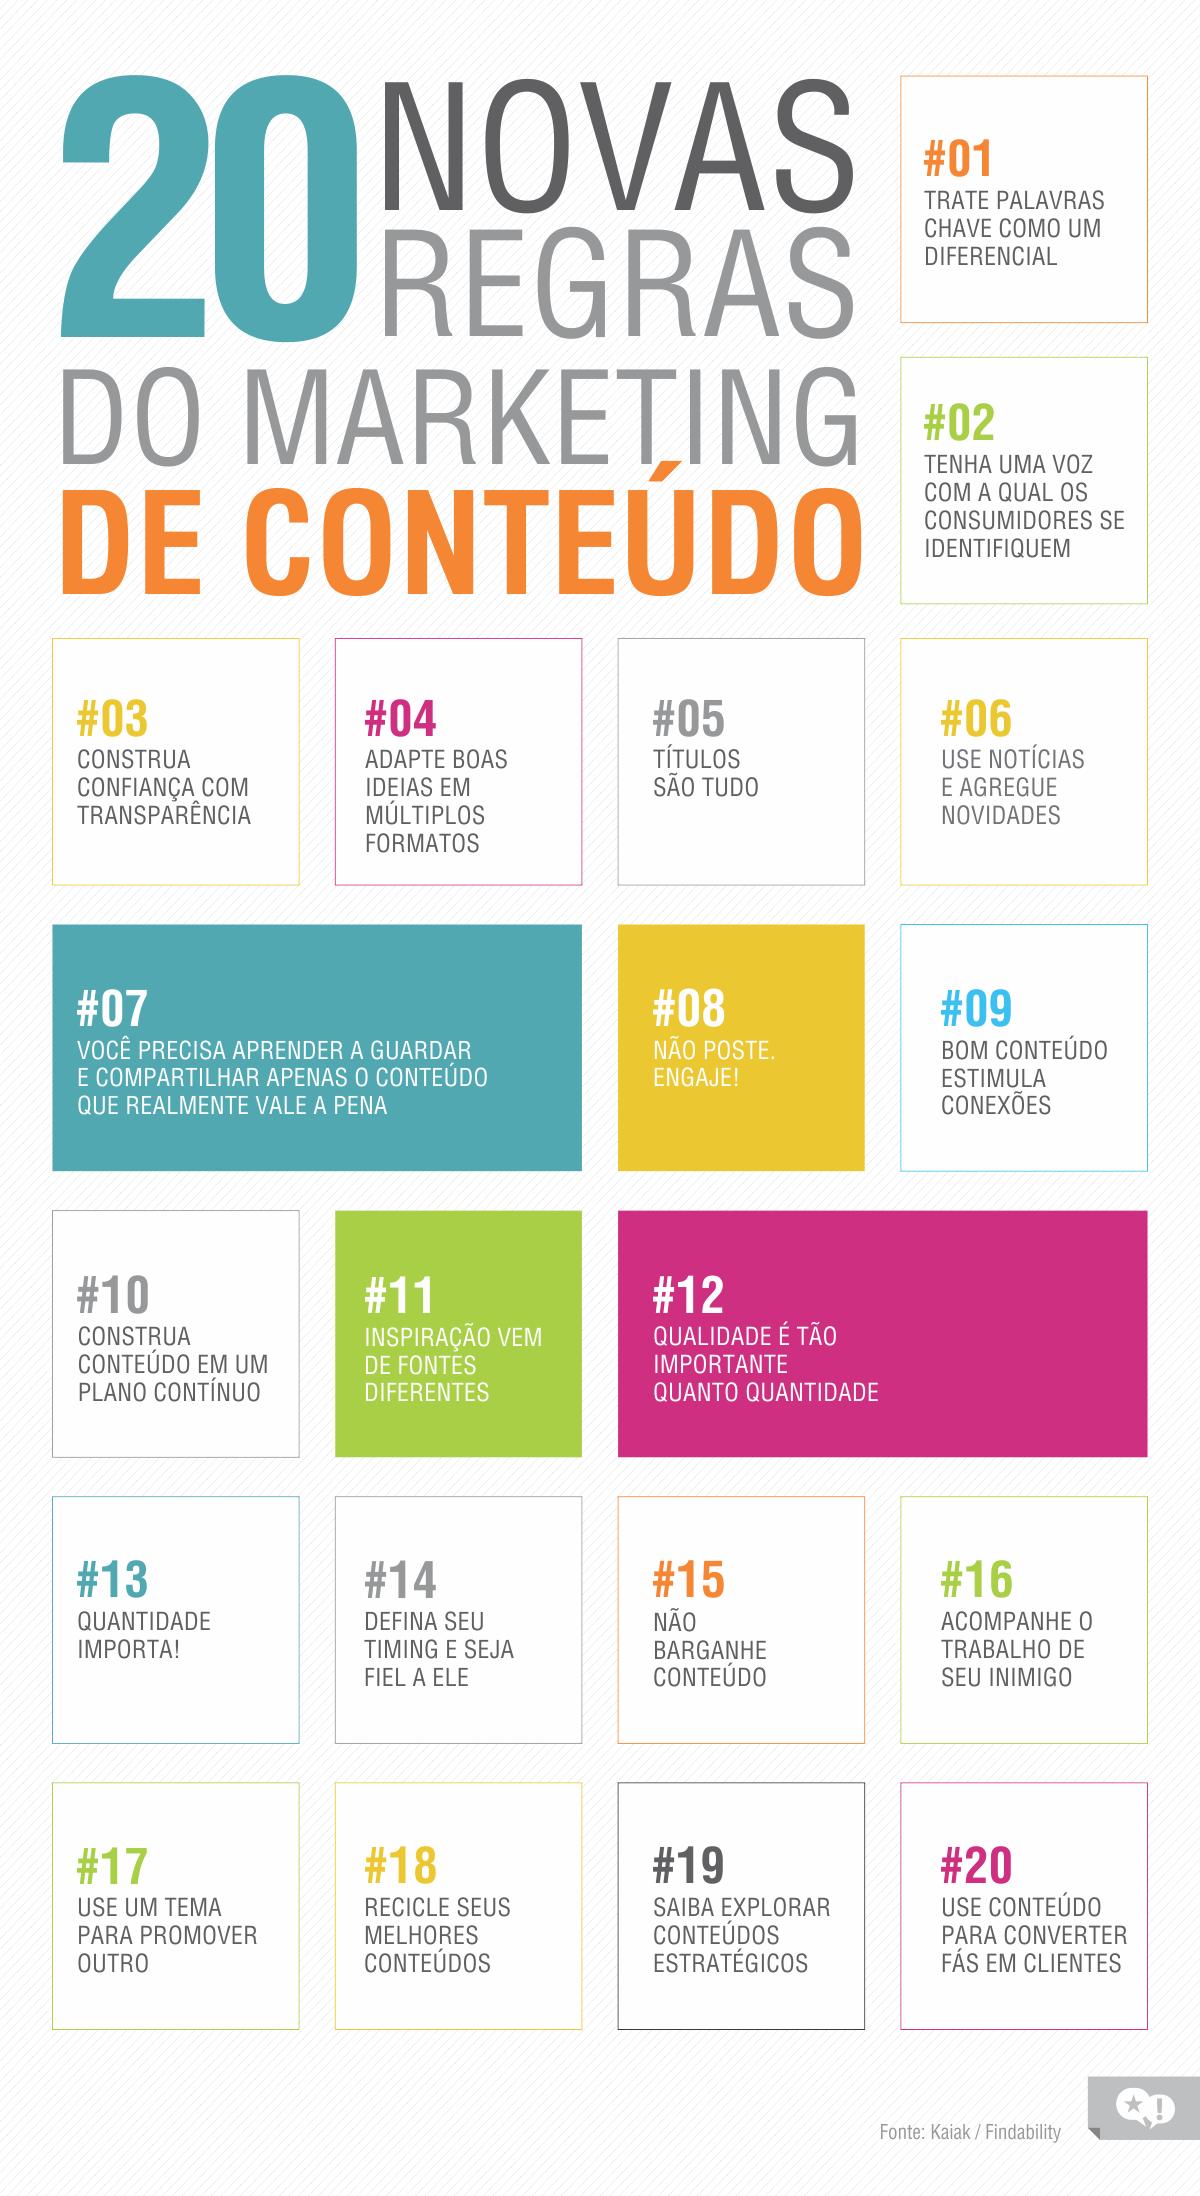 20 Regras Marketing de Conteúdo